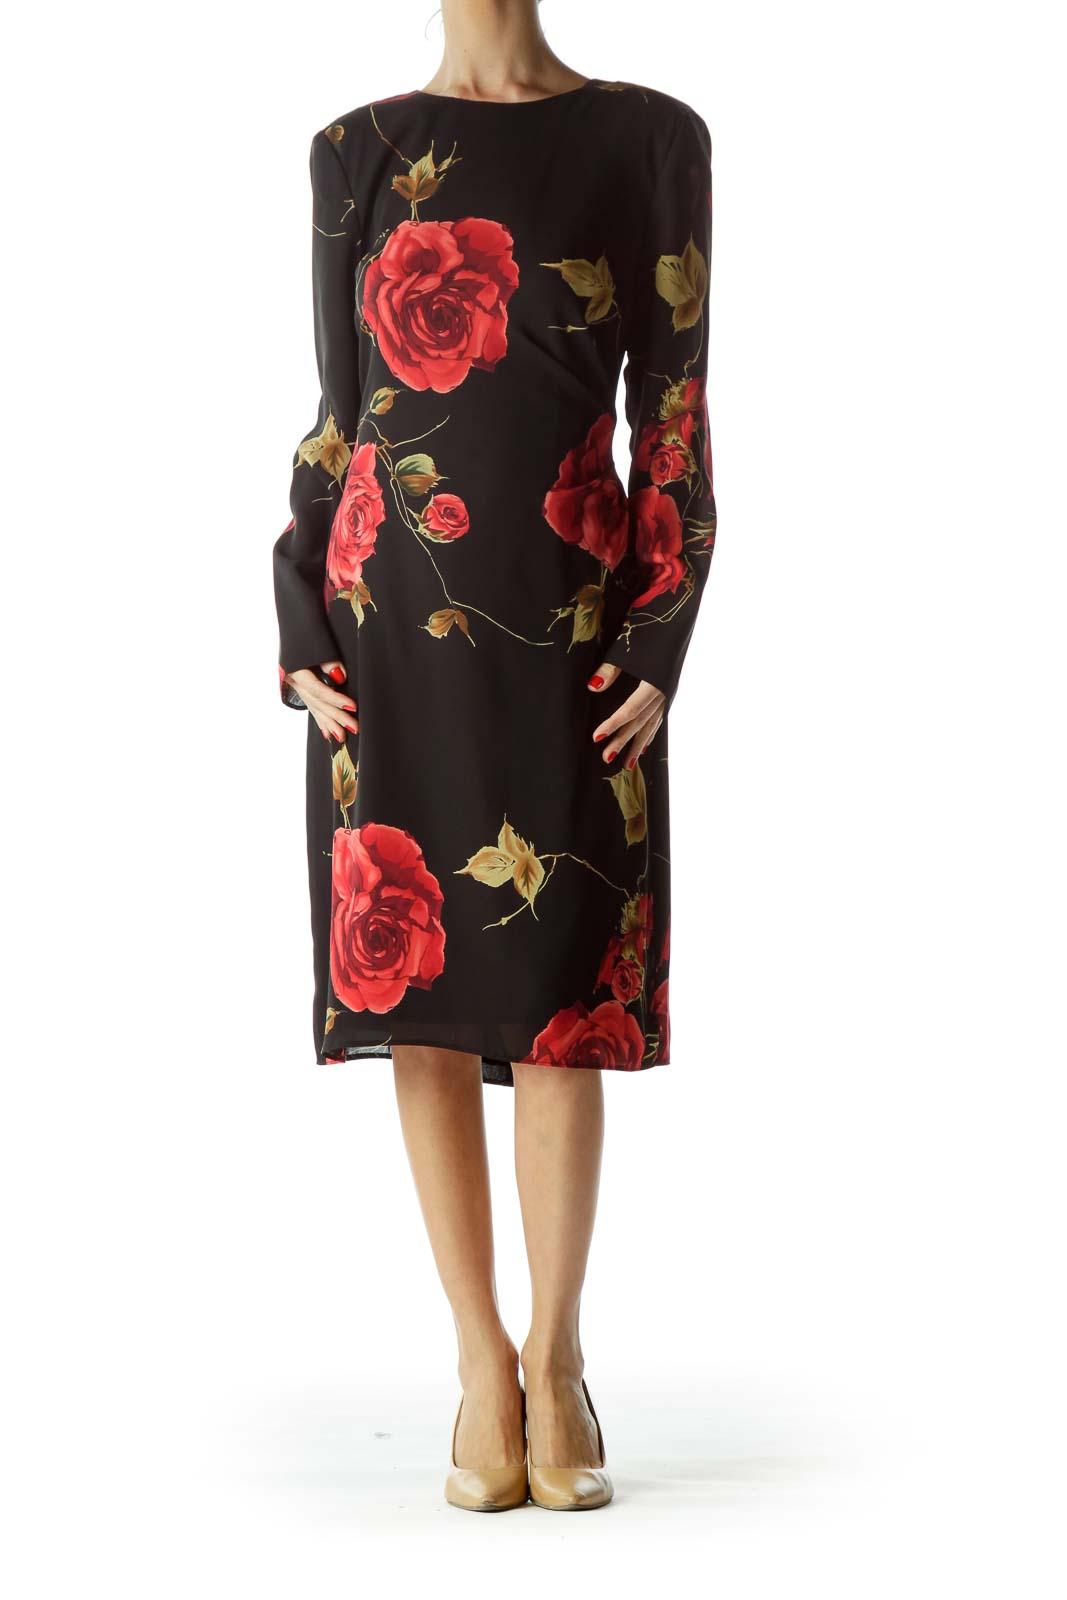 Black Rose Floral Dress